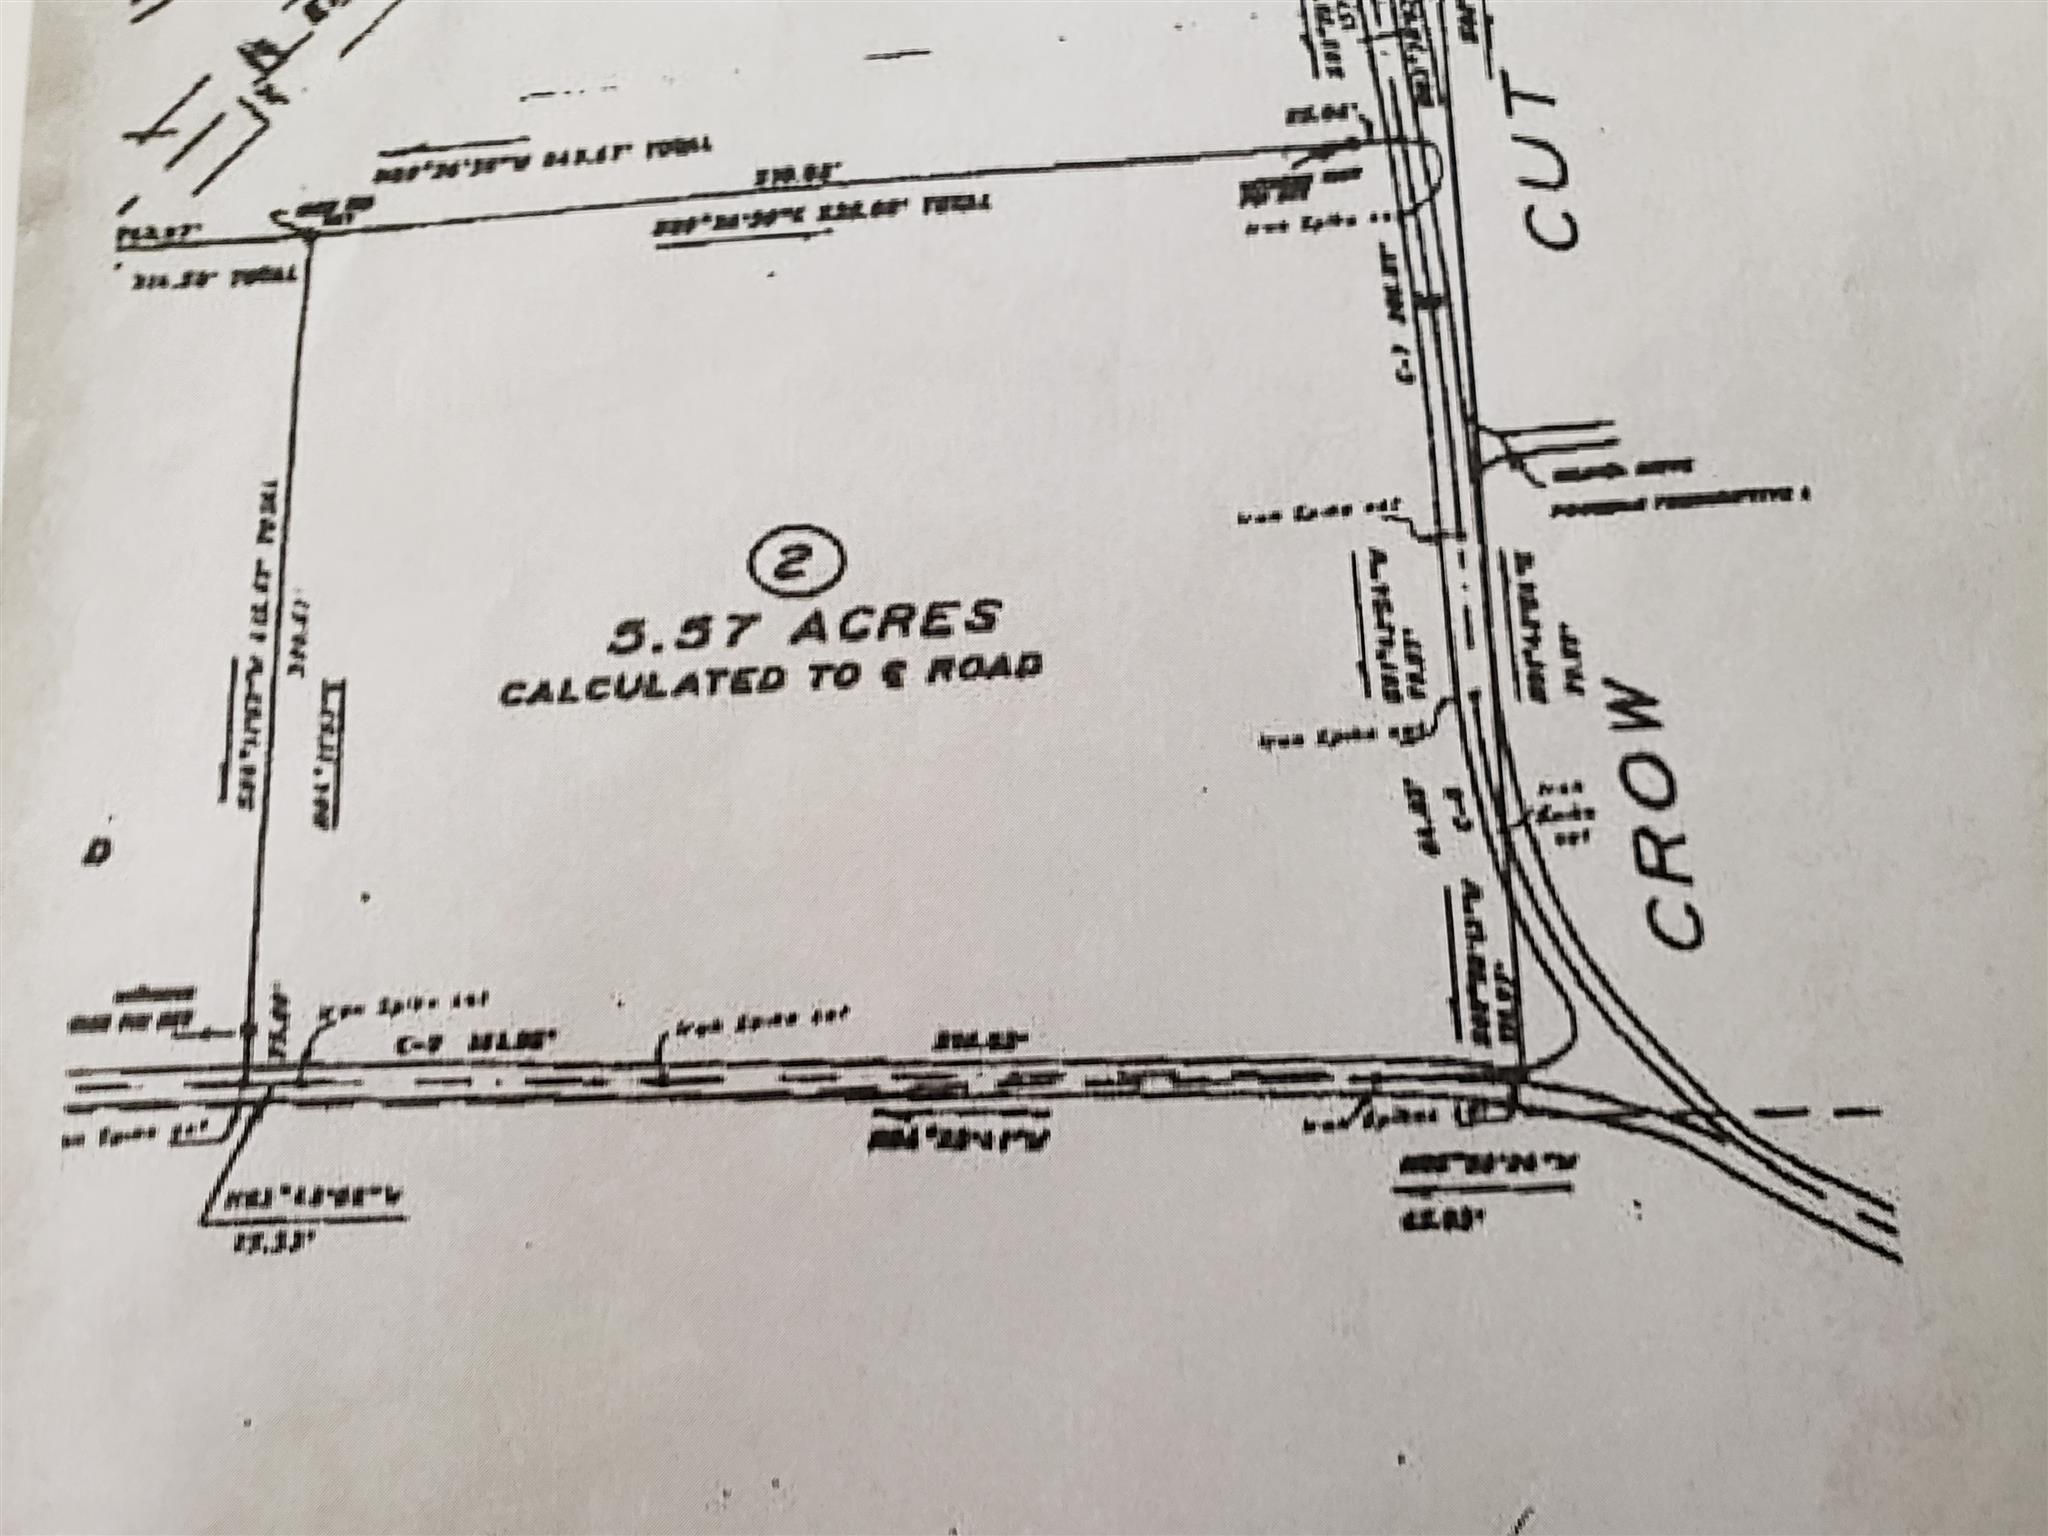 7611 Crow Cut Rd, Fairview, TN 37062 - Fairview, TN real estate listing